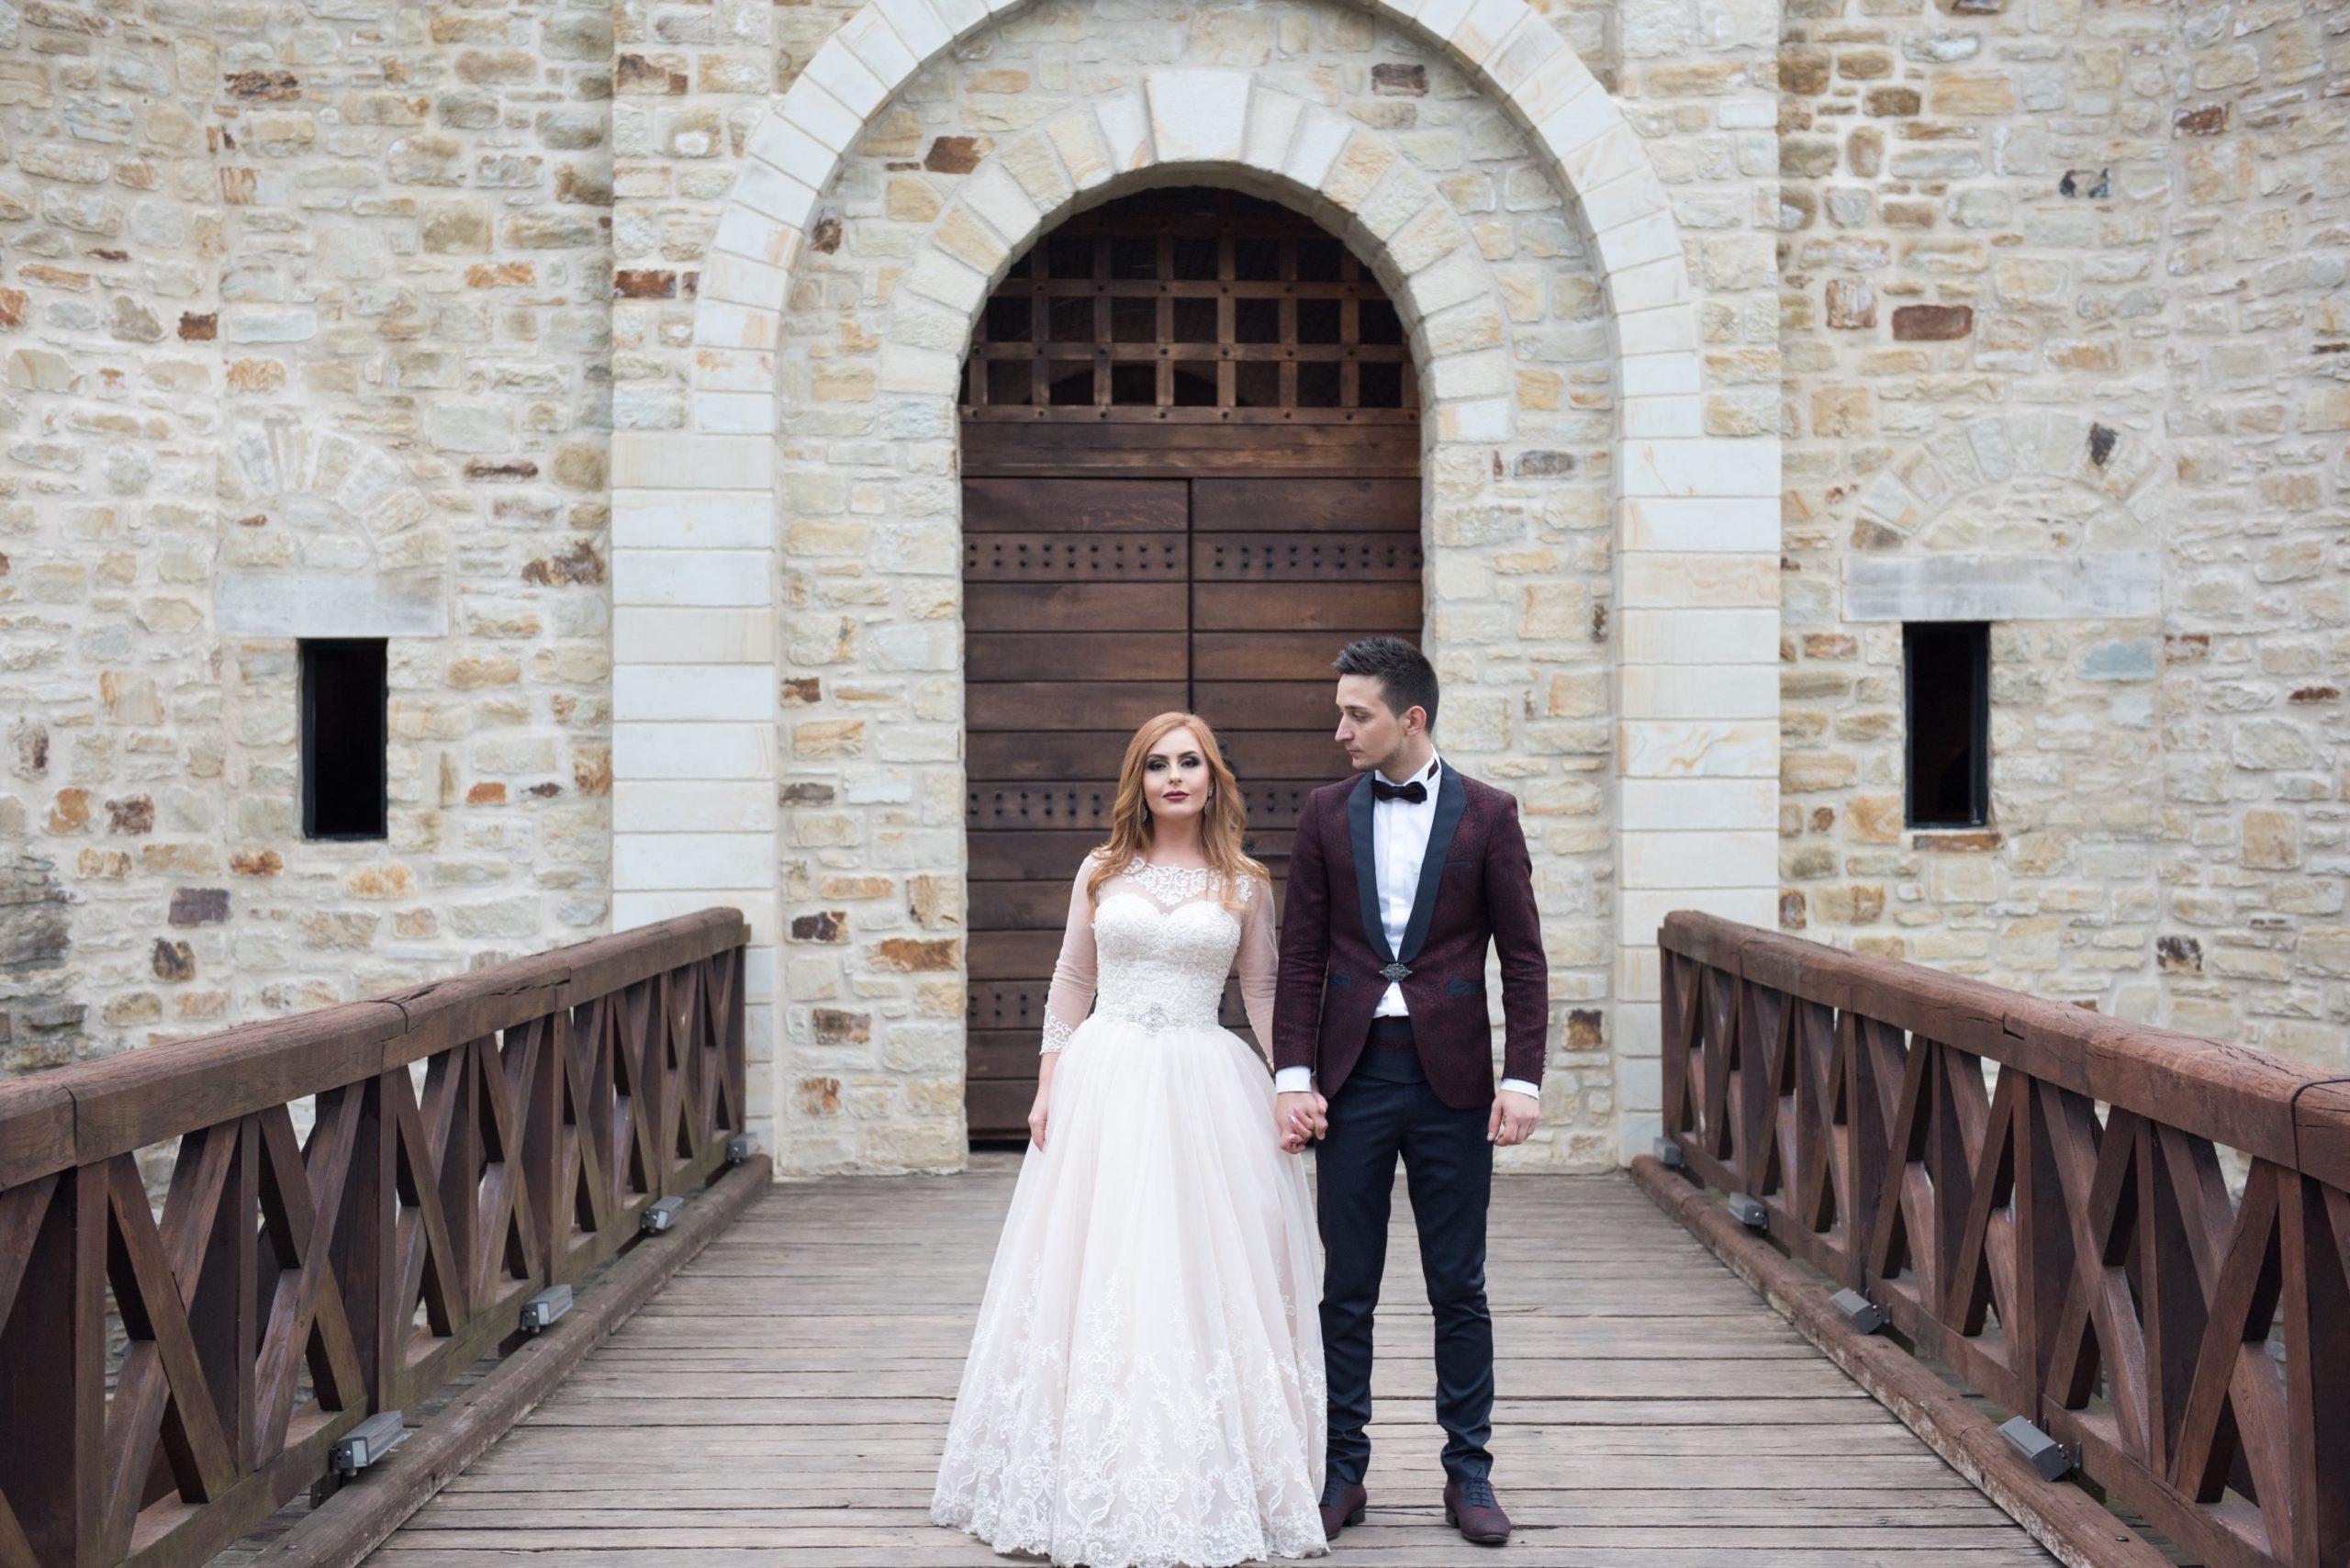 marius agrigoroaie fotograf de nunta botosani suceava 15